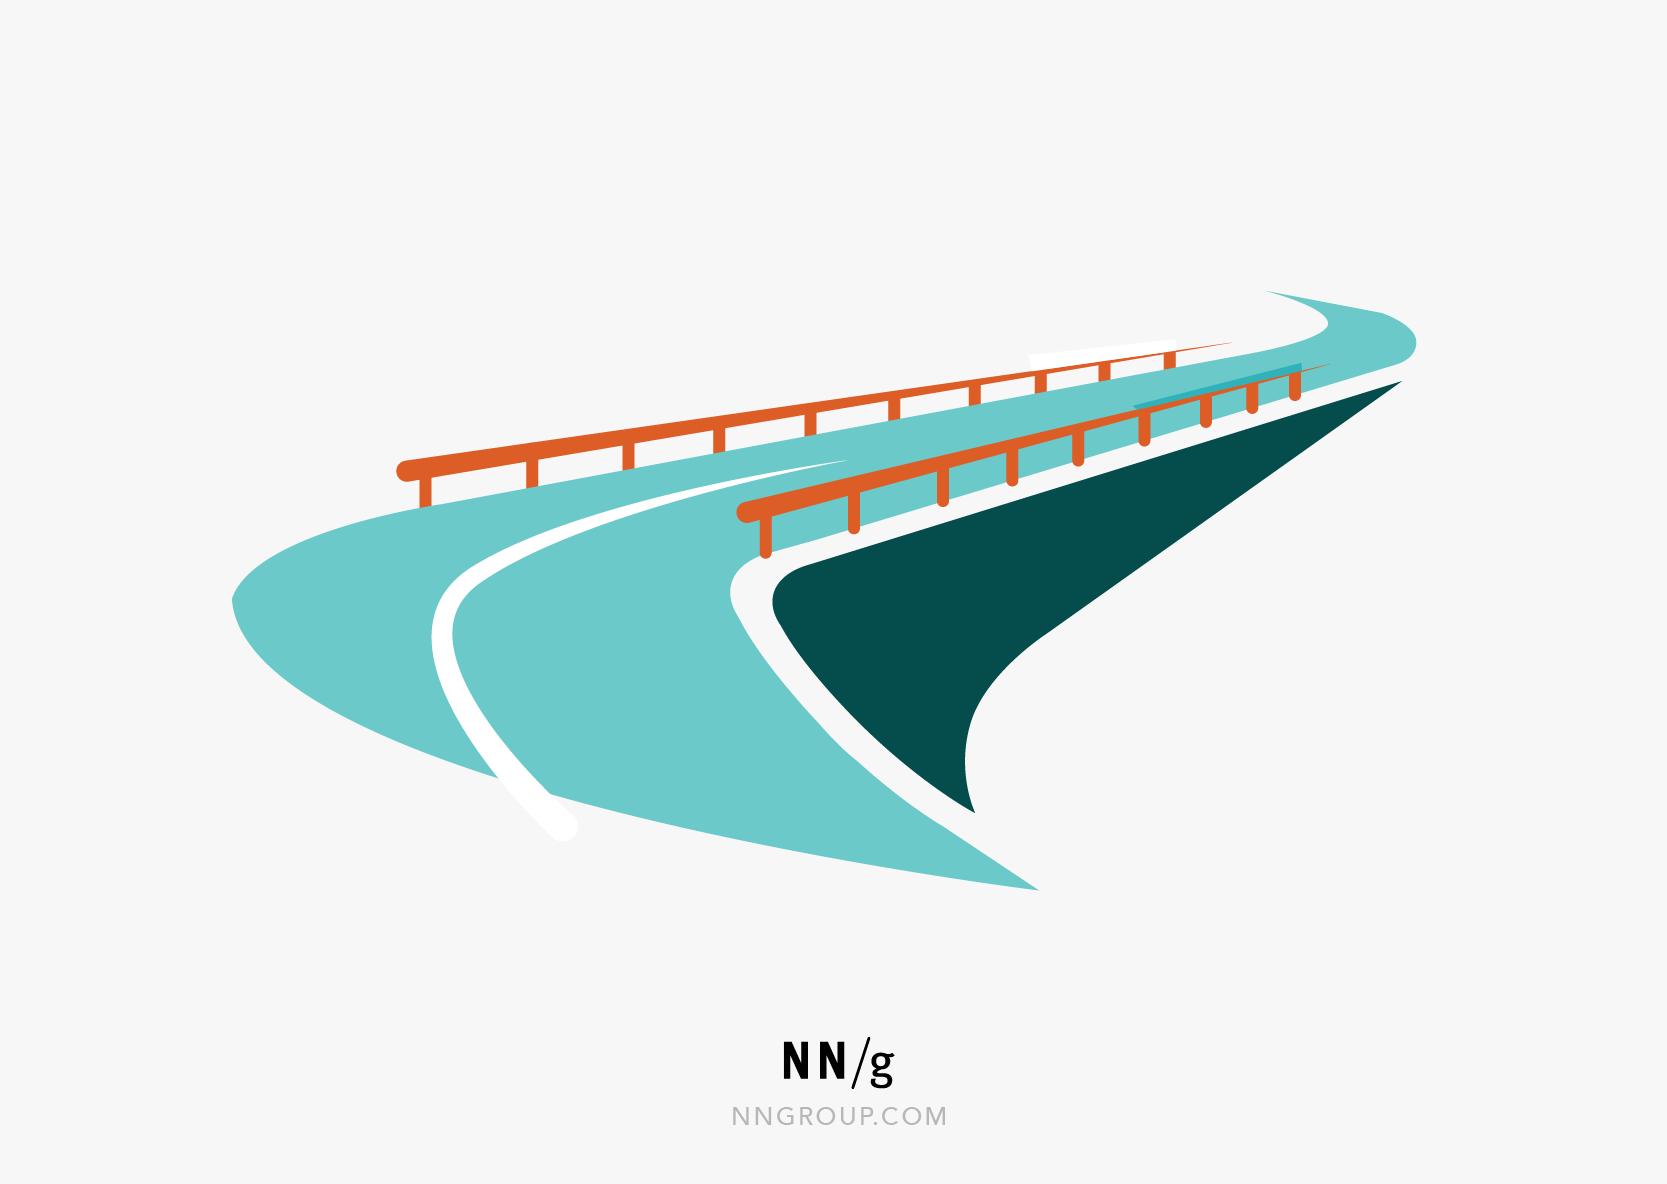 可用性启发式#5:有护栏的高速公路,这样司机就不能从边上开车了。